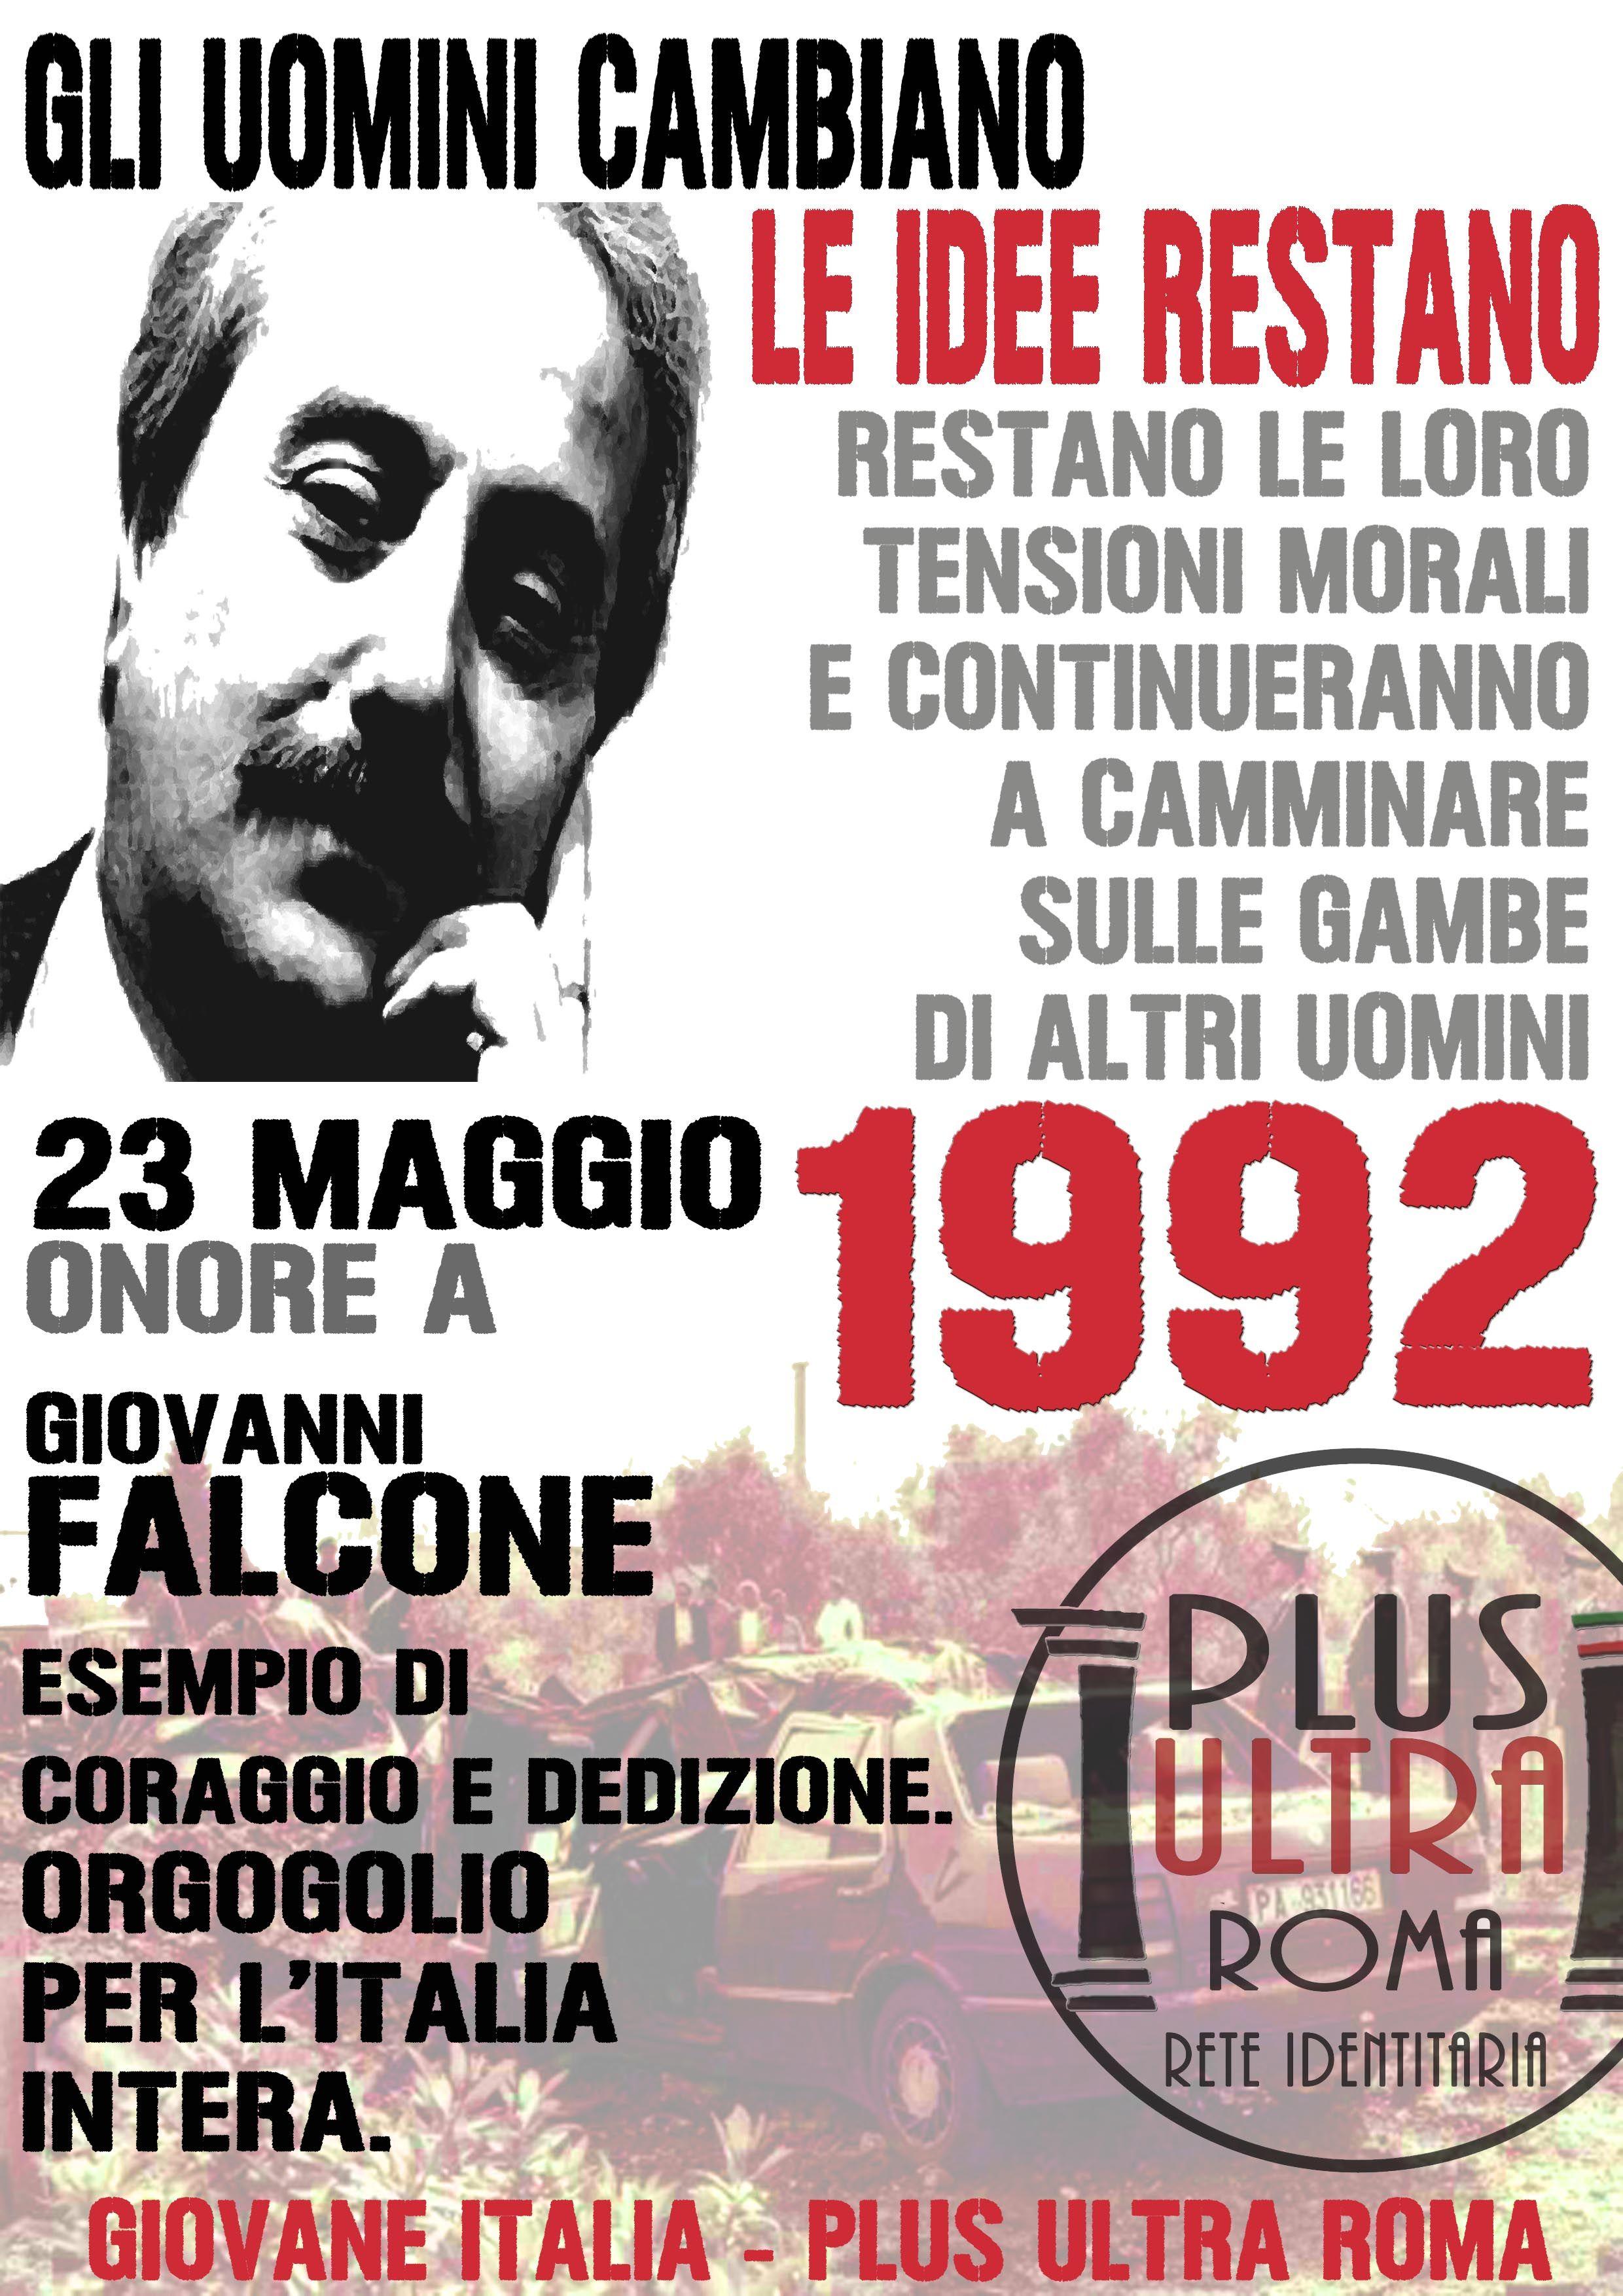 Giovanni Falcone 23 Maggio 1992 Plus Ultra Roma